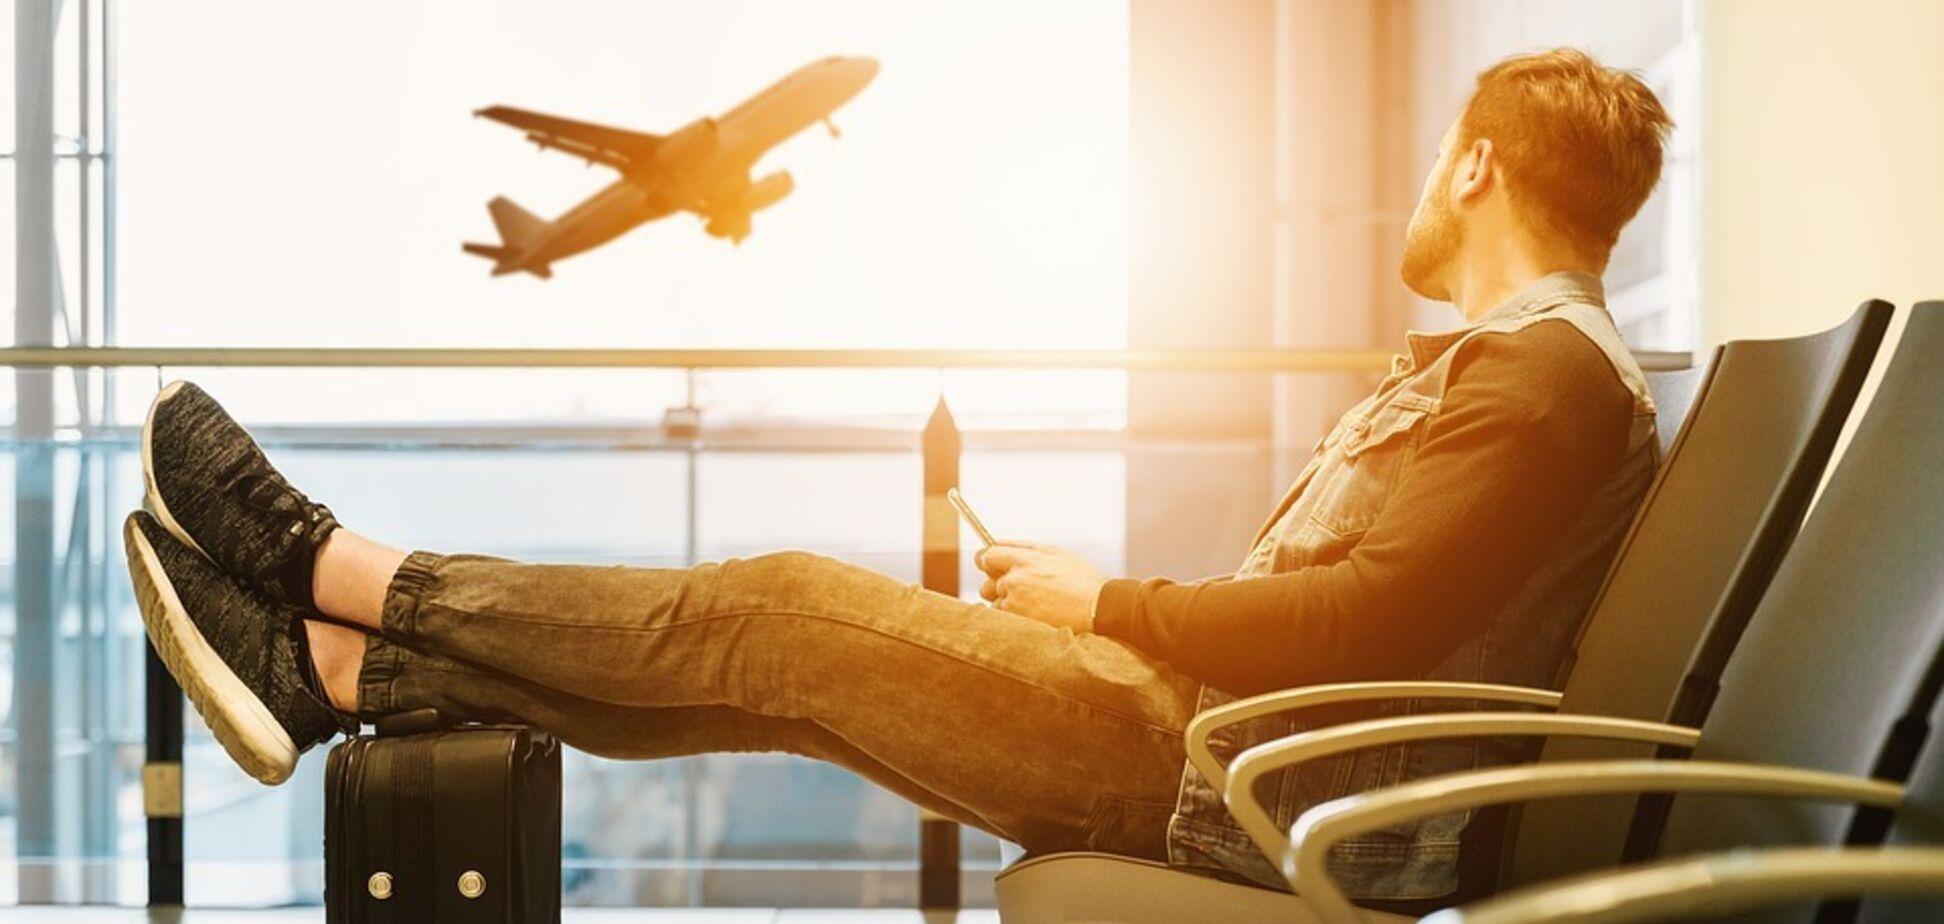 Польша отменила карантин для пассажиров авиарейсов из Украины